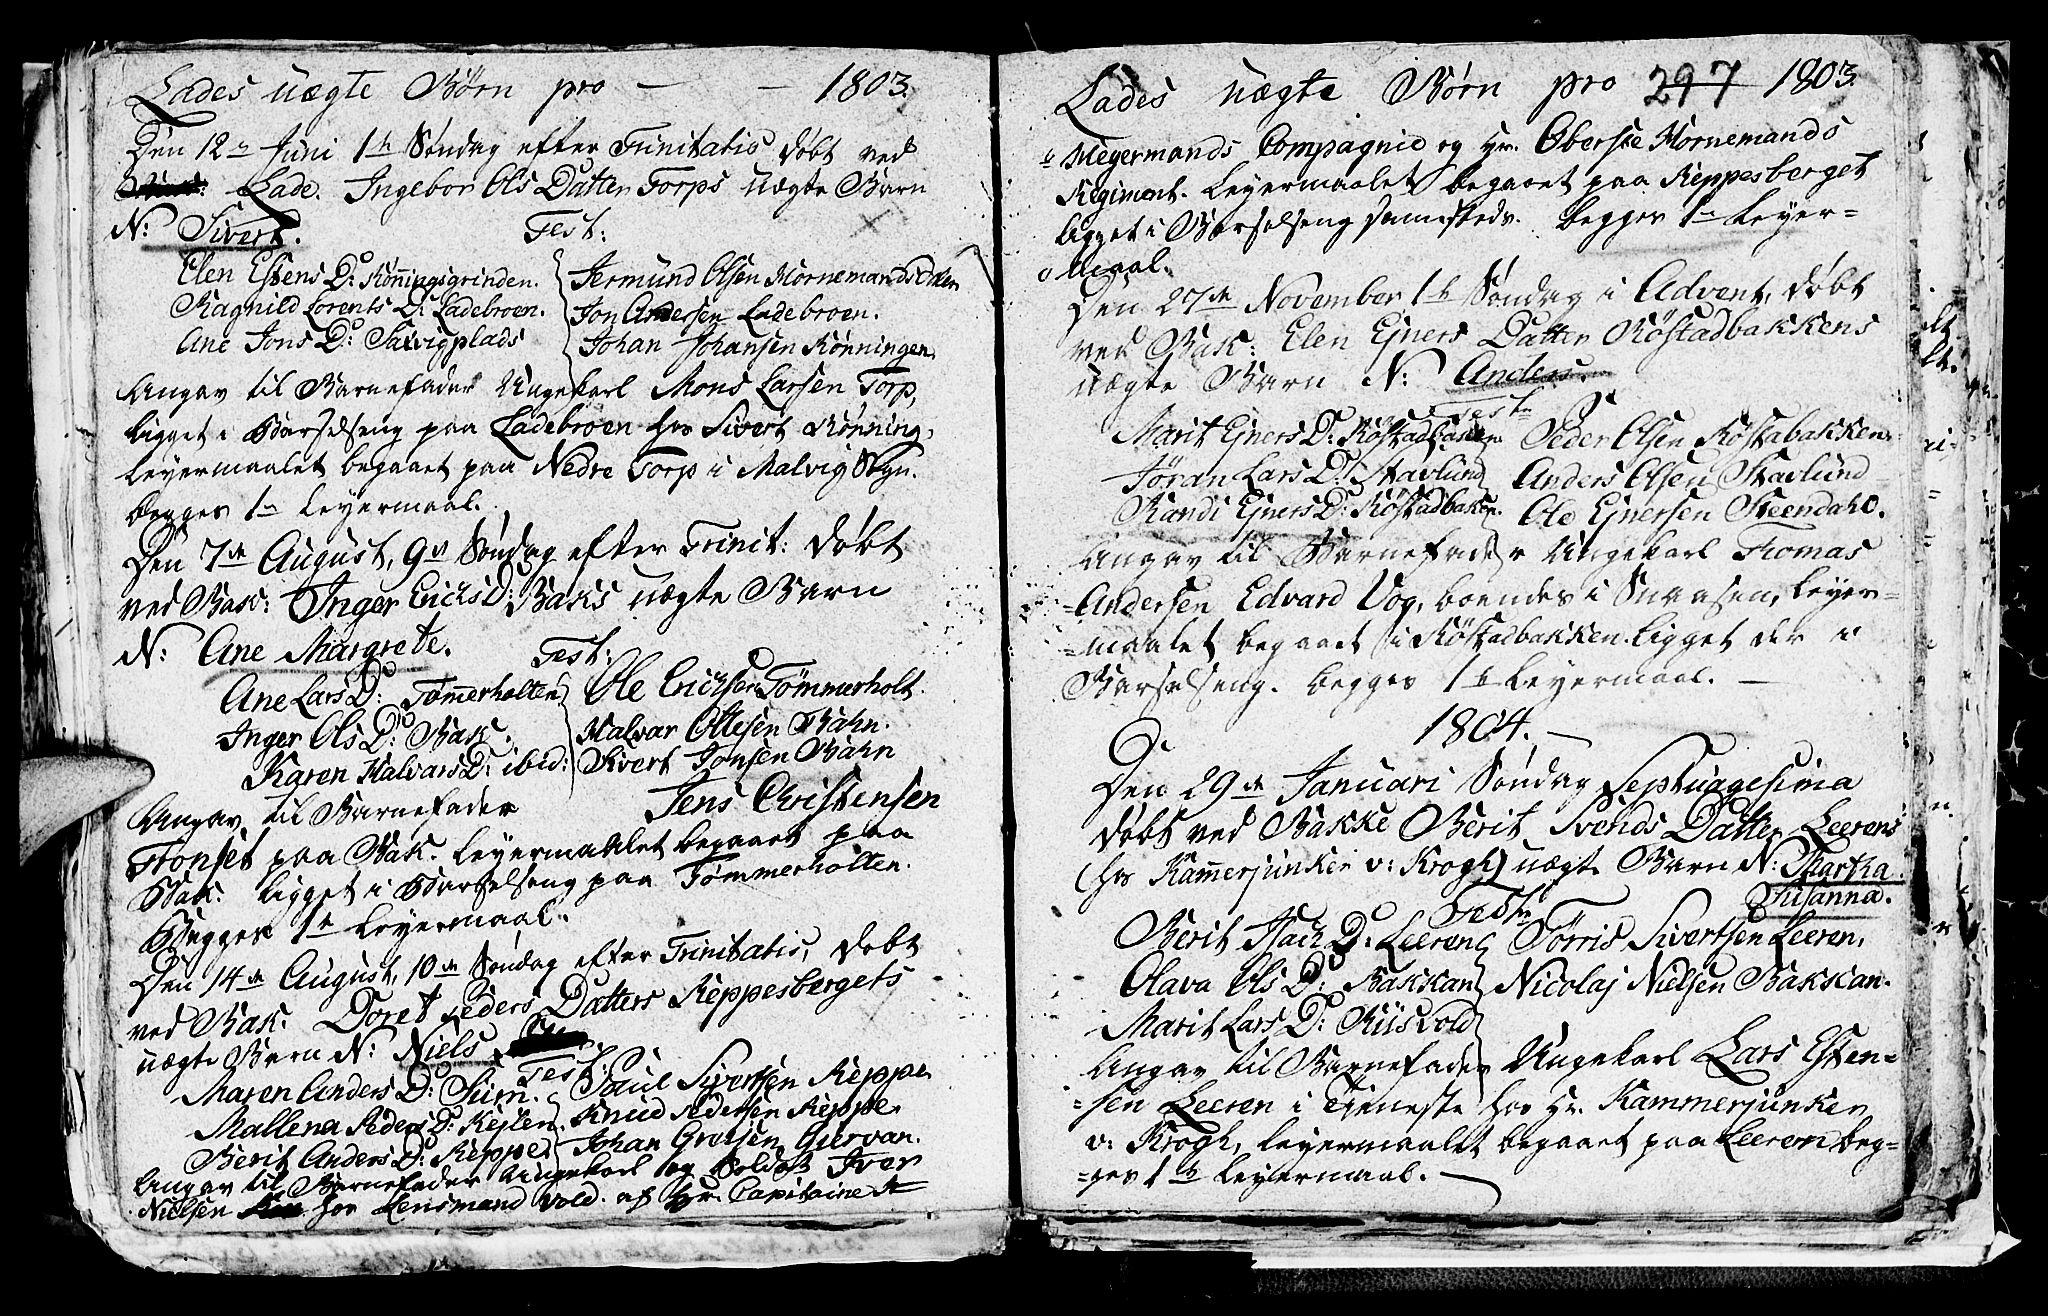 SAT, Ministerialprotokoller, klokkerbøker og fødselsregistre - Sør-Trøndelag, 606/L0305: Klokkerbok nr. 606C01, 1757-1819, s. 297